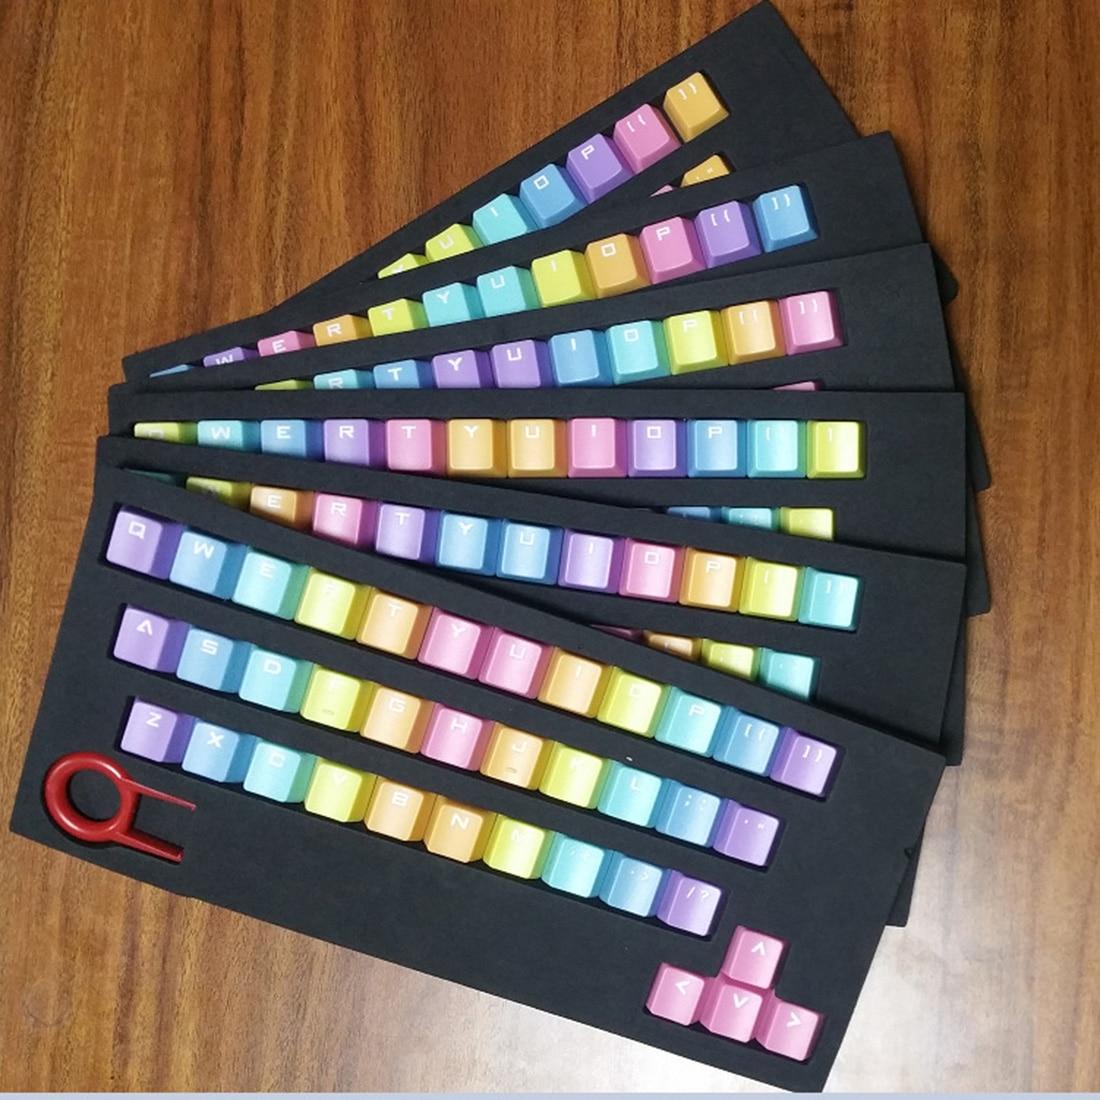 Noyokere retroiluminación PBT 37 llaves doble translucidus retroiluminación retroiluminada Rainbow keycaps para teclado mecánico